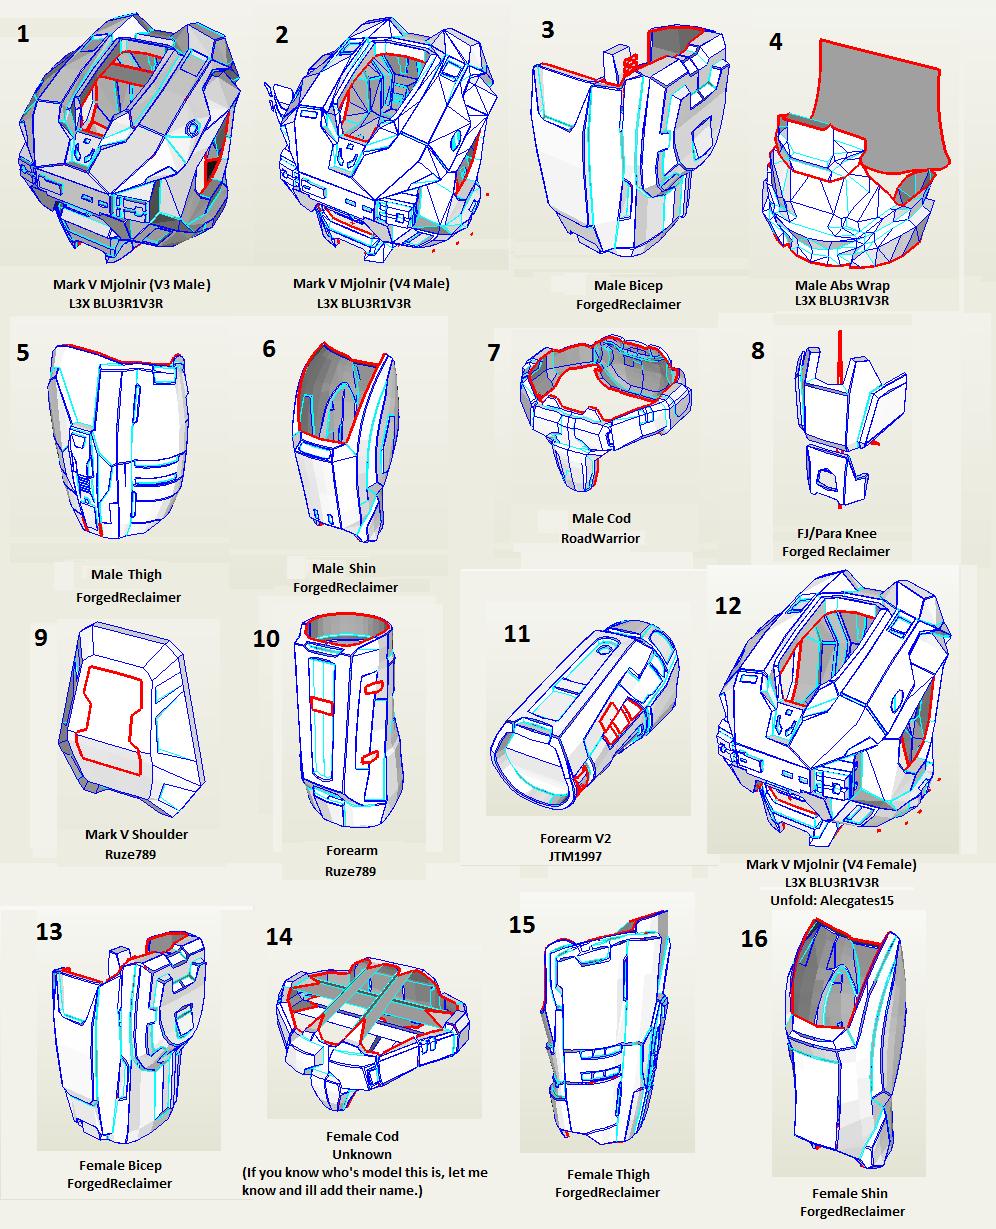 Lost mine of phandelver rulebook pdf